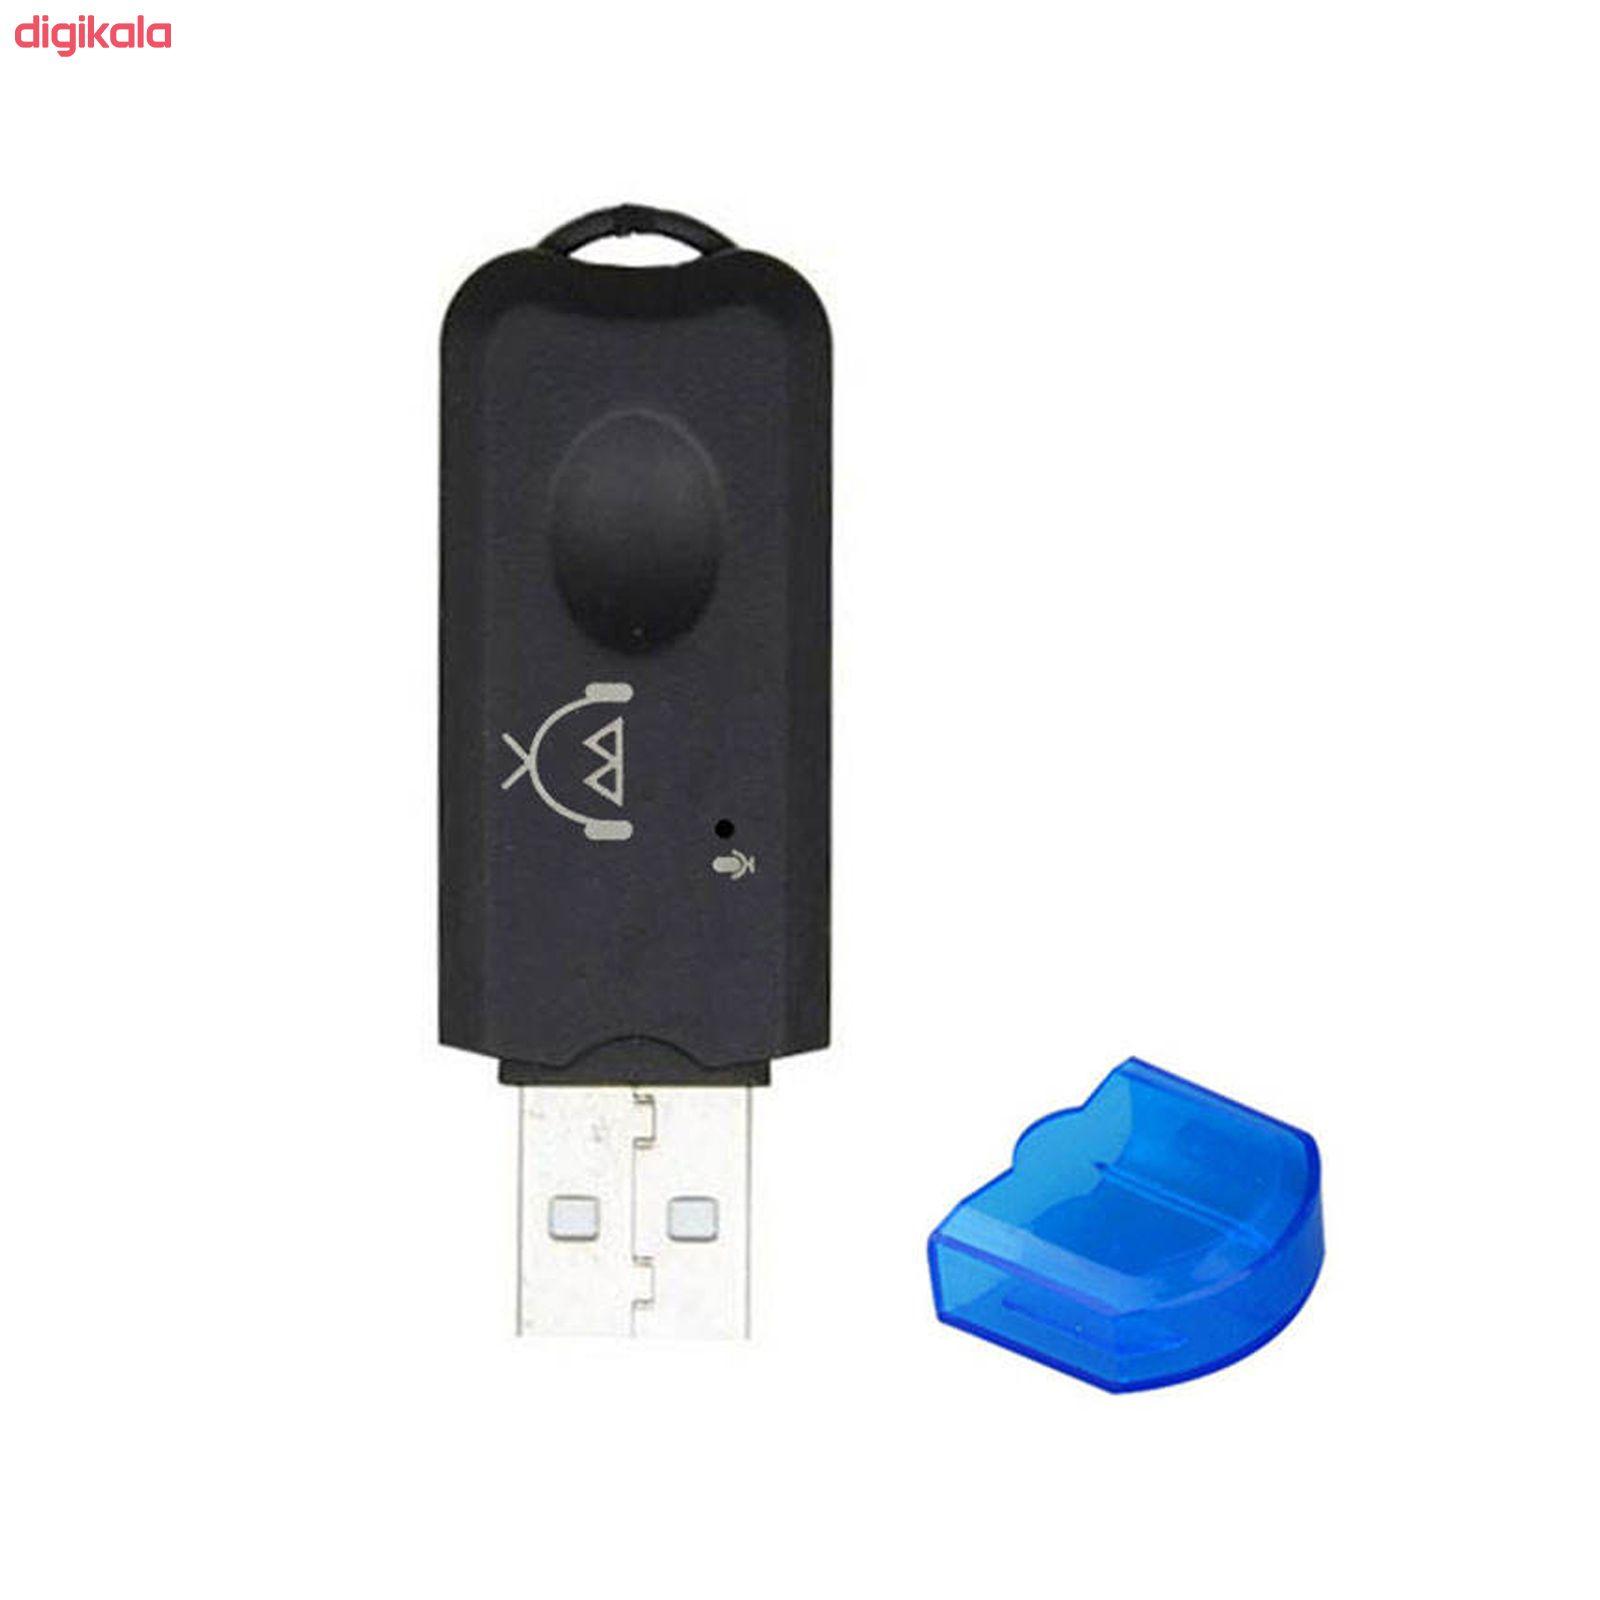 دانگل بلوتوث USB مدل BT-118 main 1 6